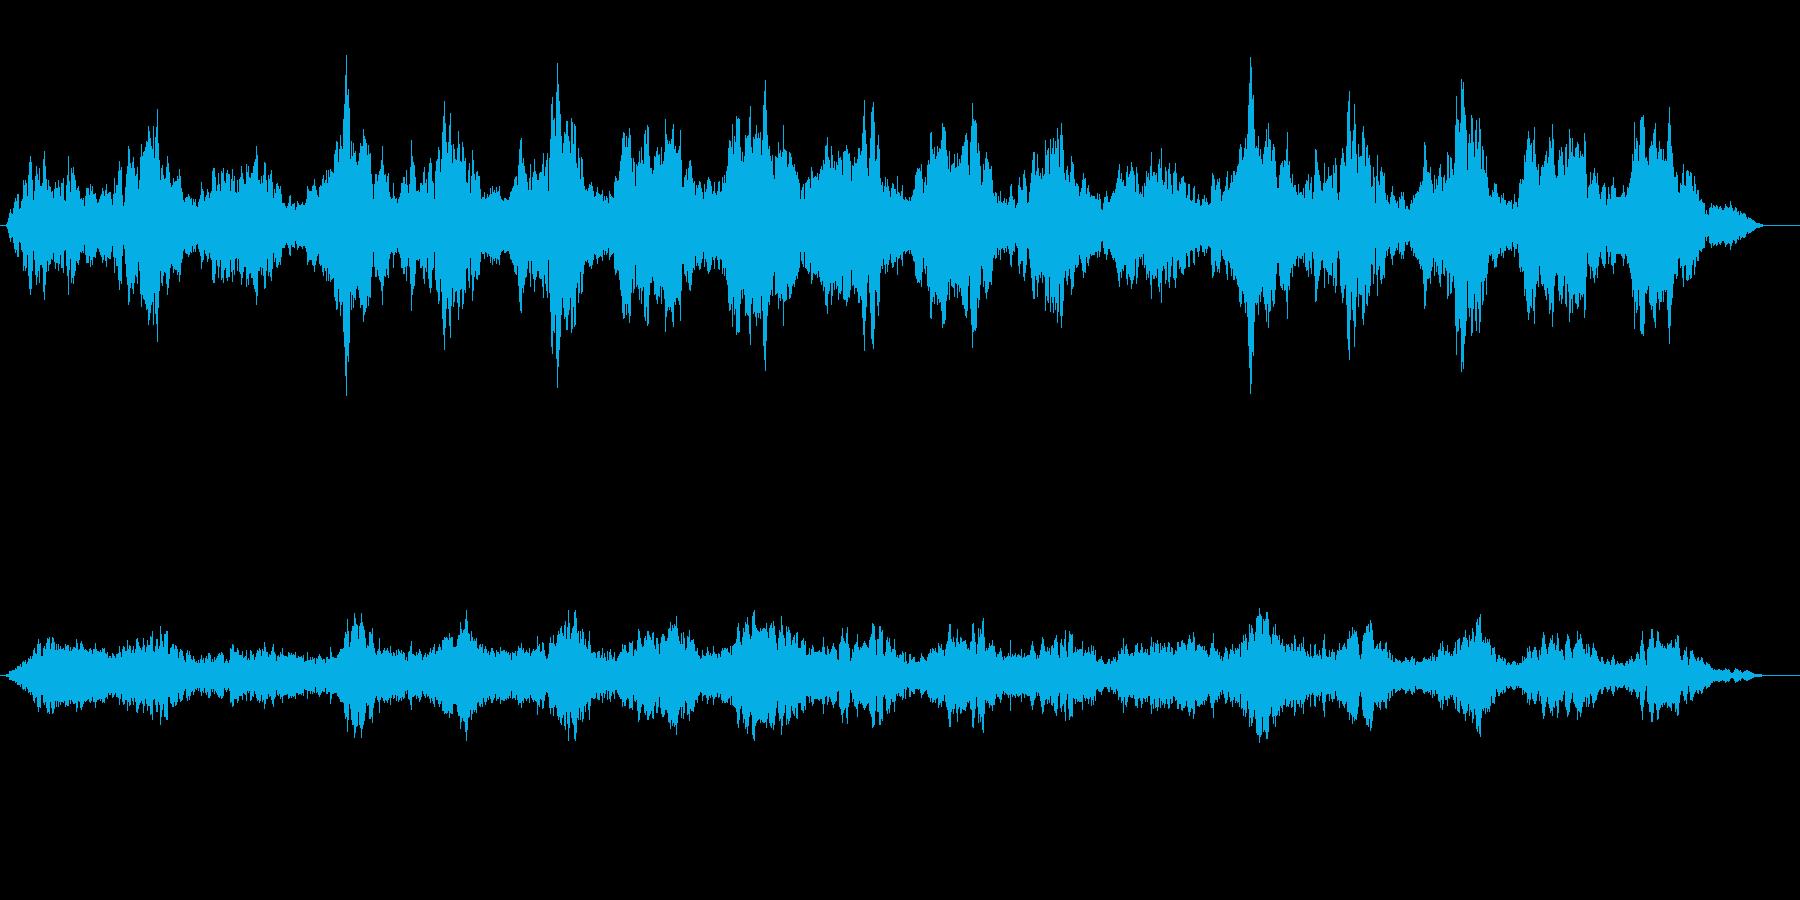 ヒマラヤの崖を彷徨ってるような音風景の再生済みの波形